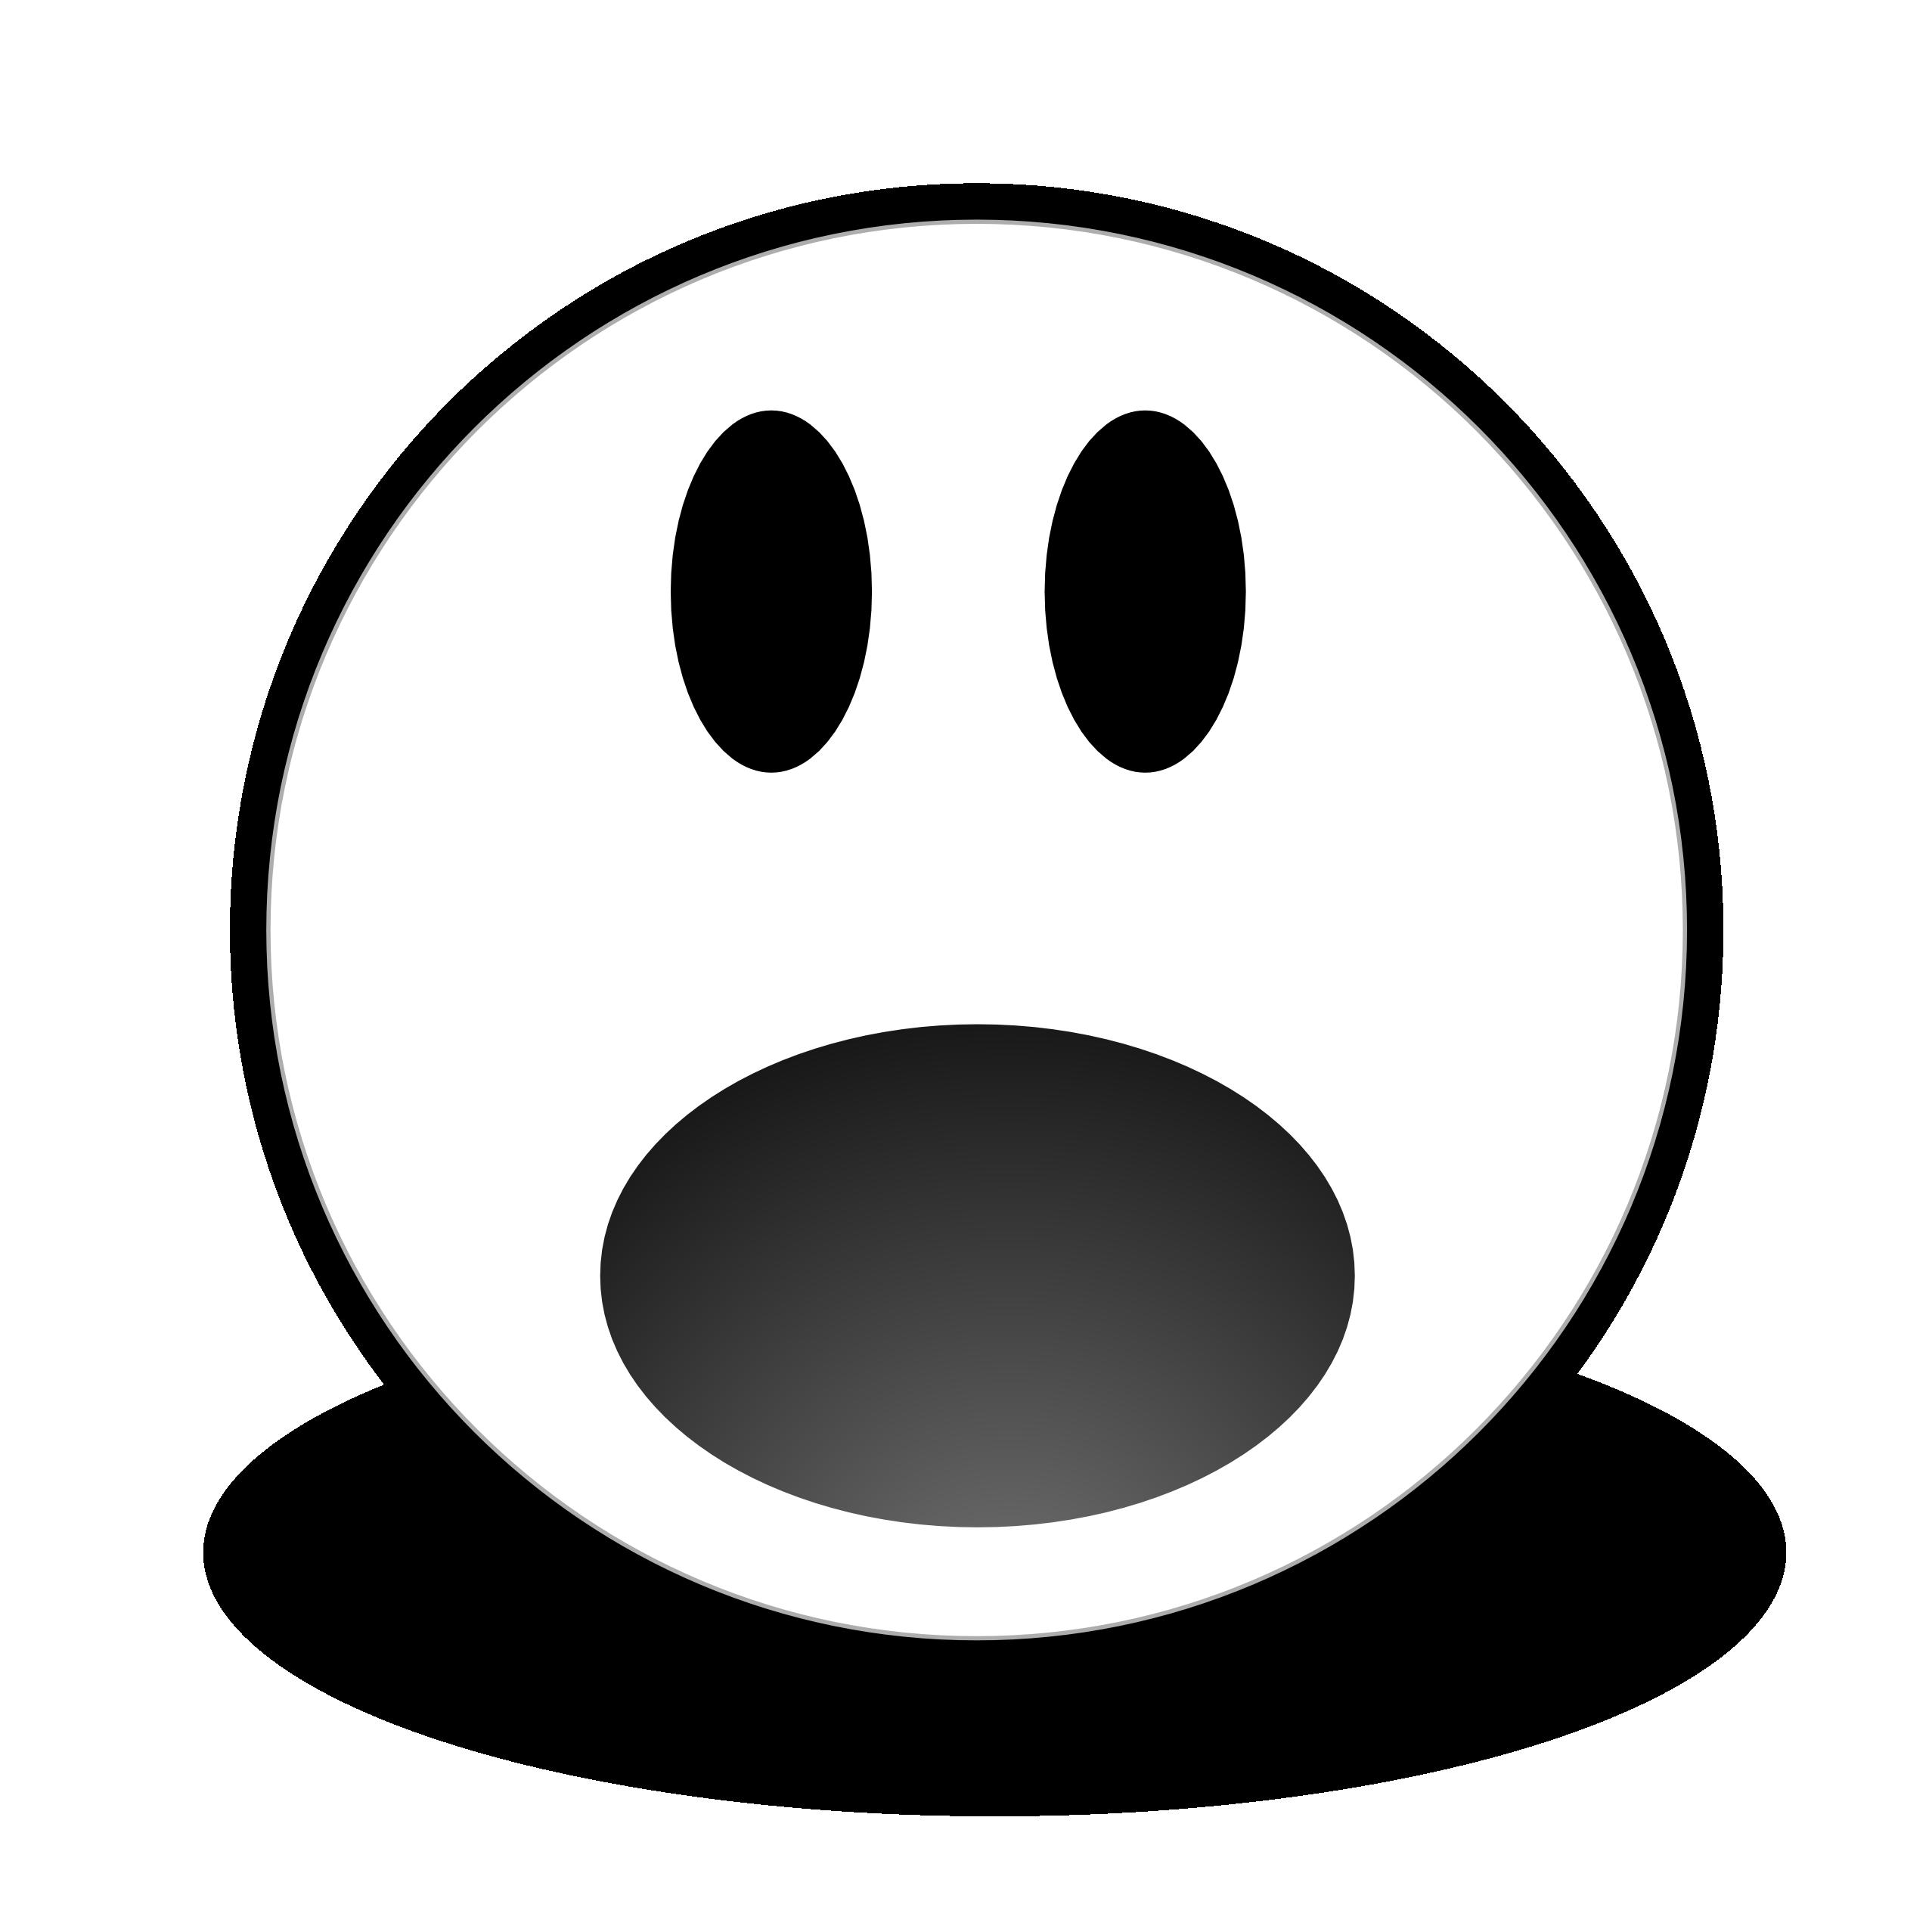 Halloween faces clipart png Pumpkin Eyes Clipart | Free download best Pumpkin Eyes Clipart on ... png